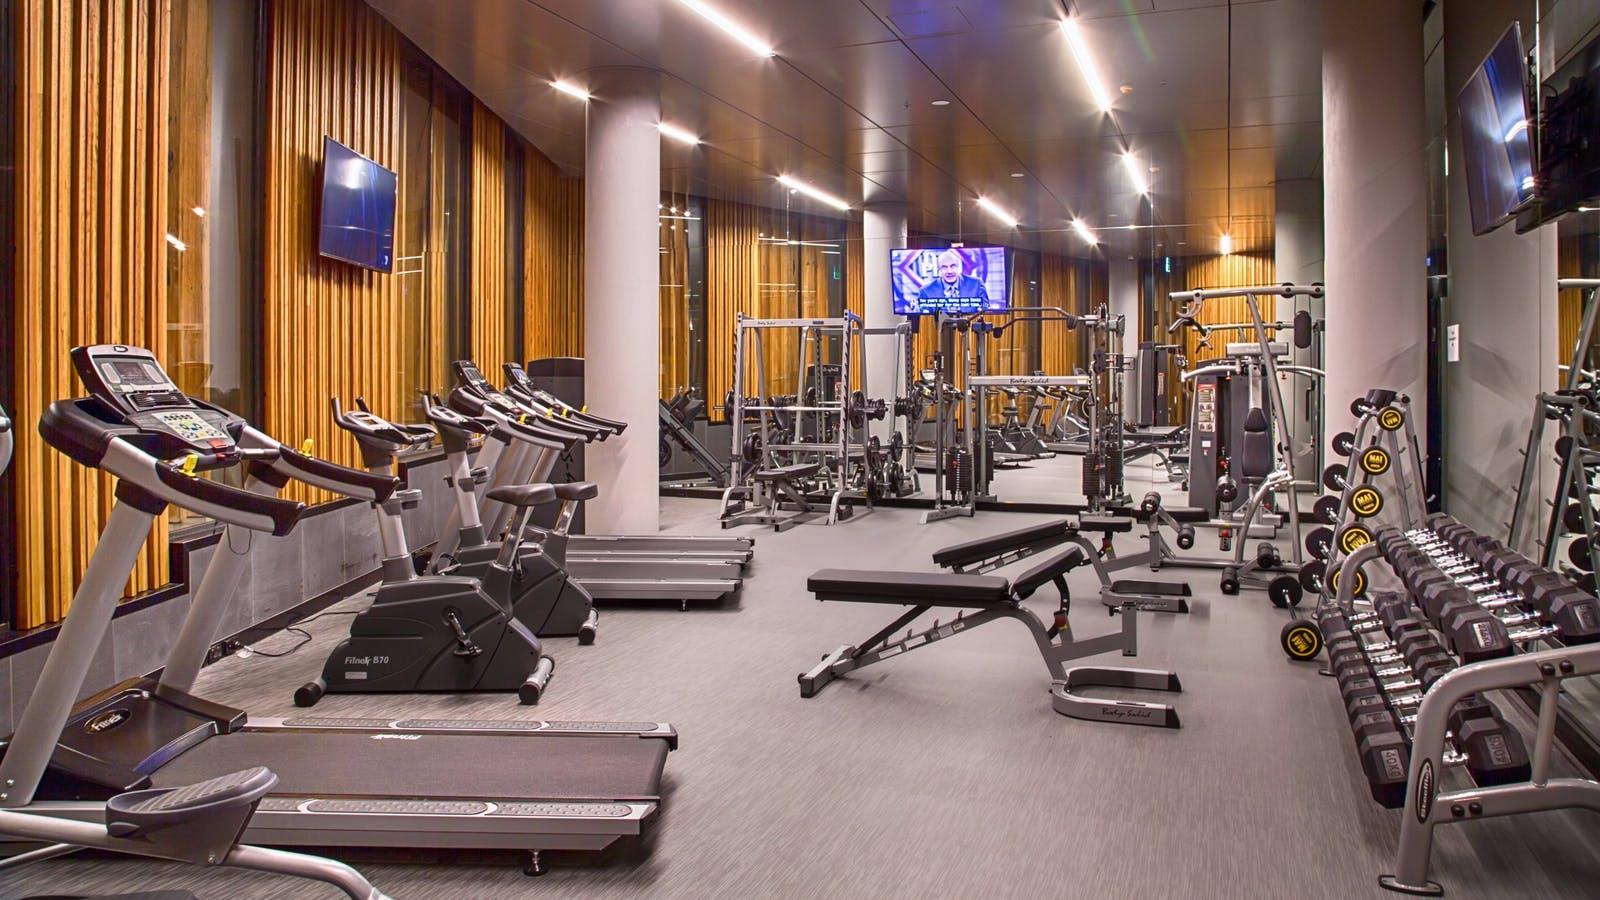 Promenade - Fitness Centre